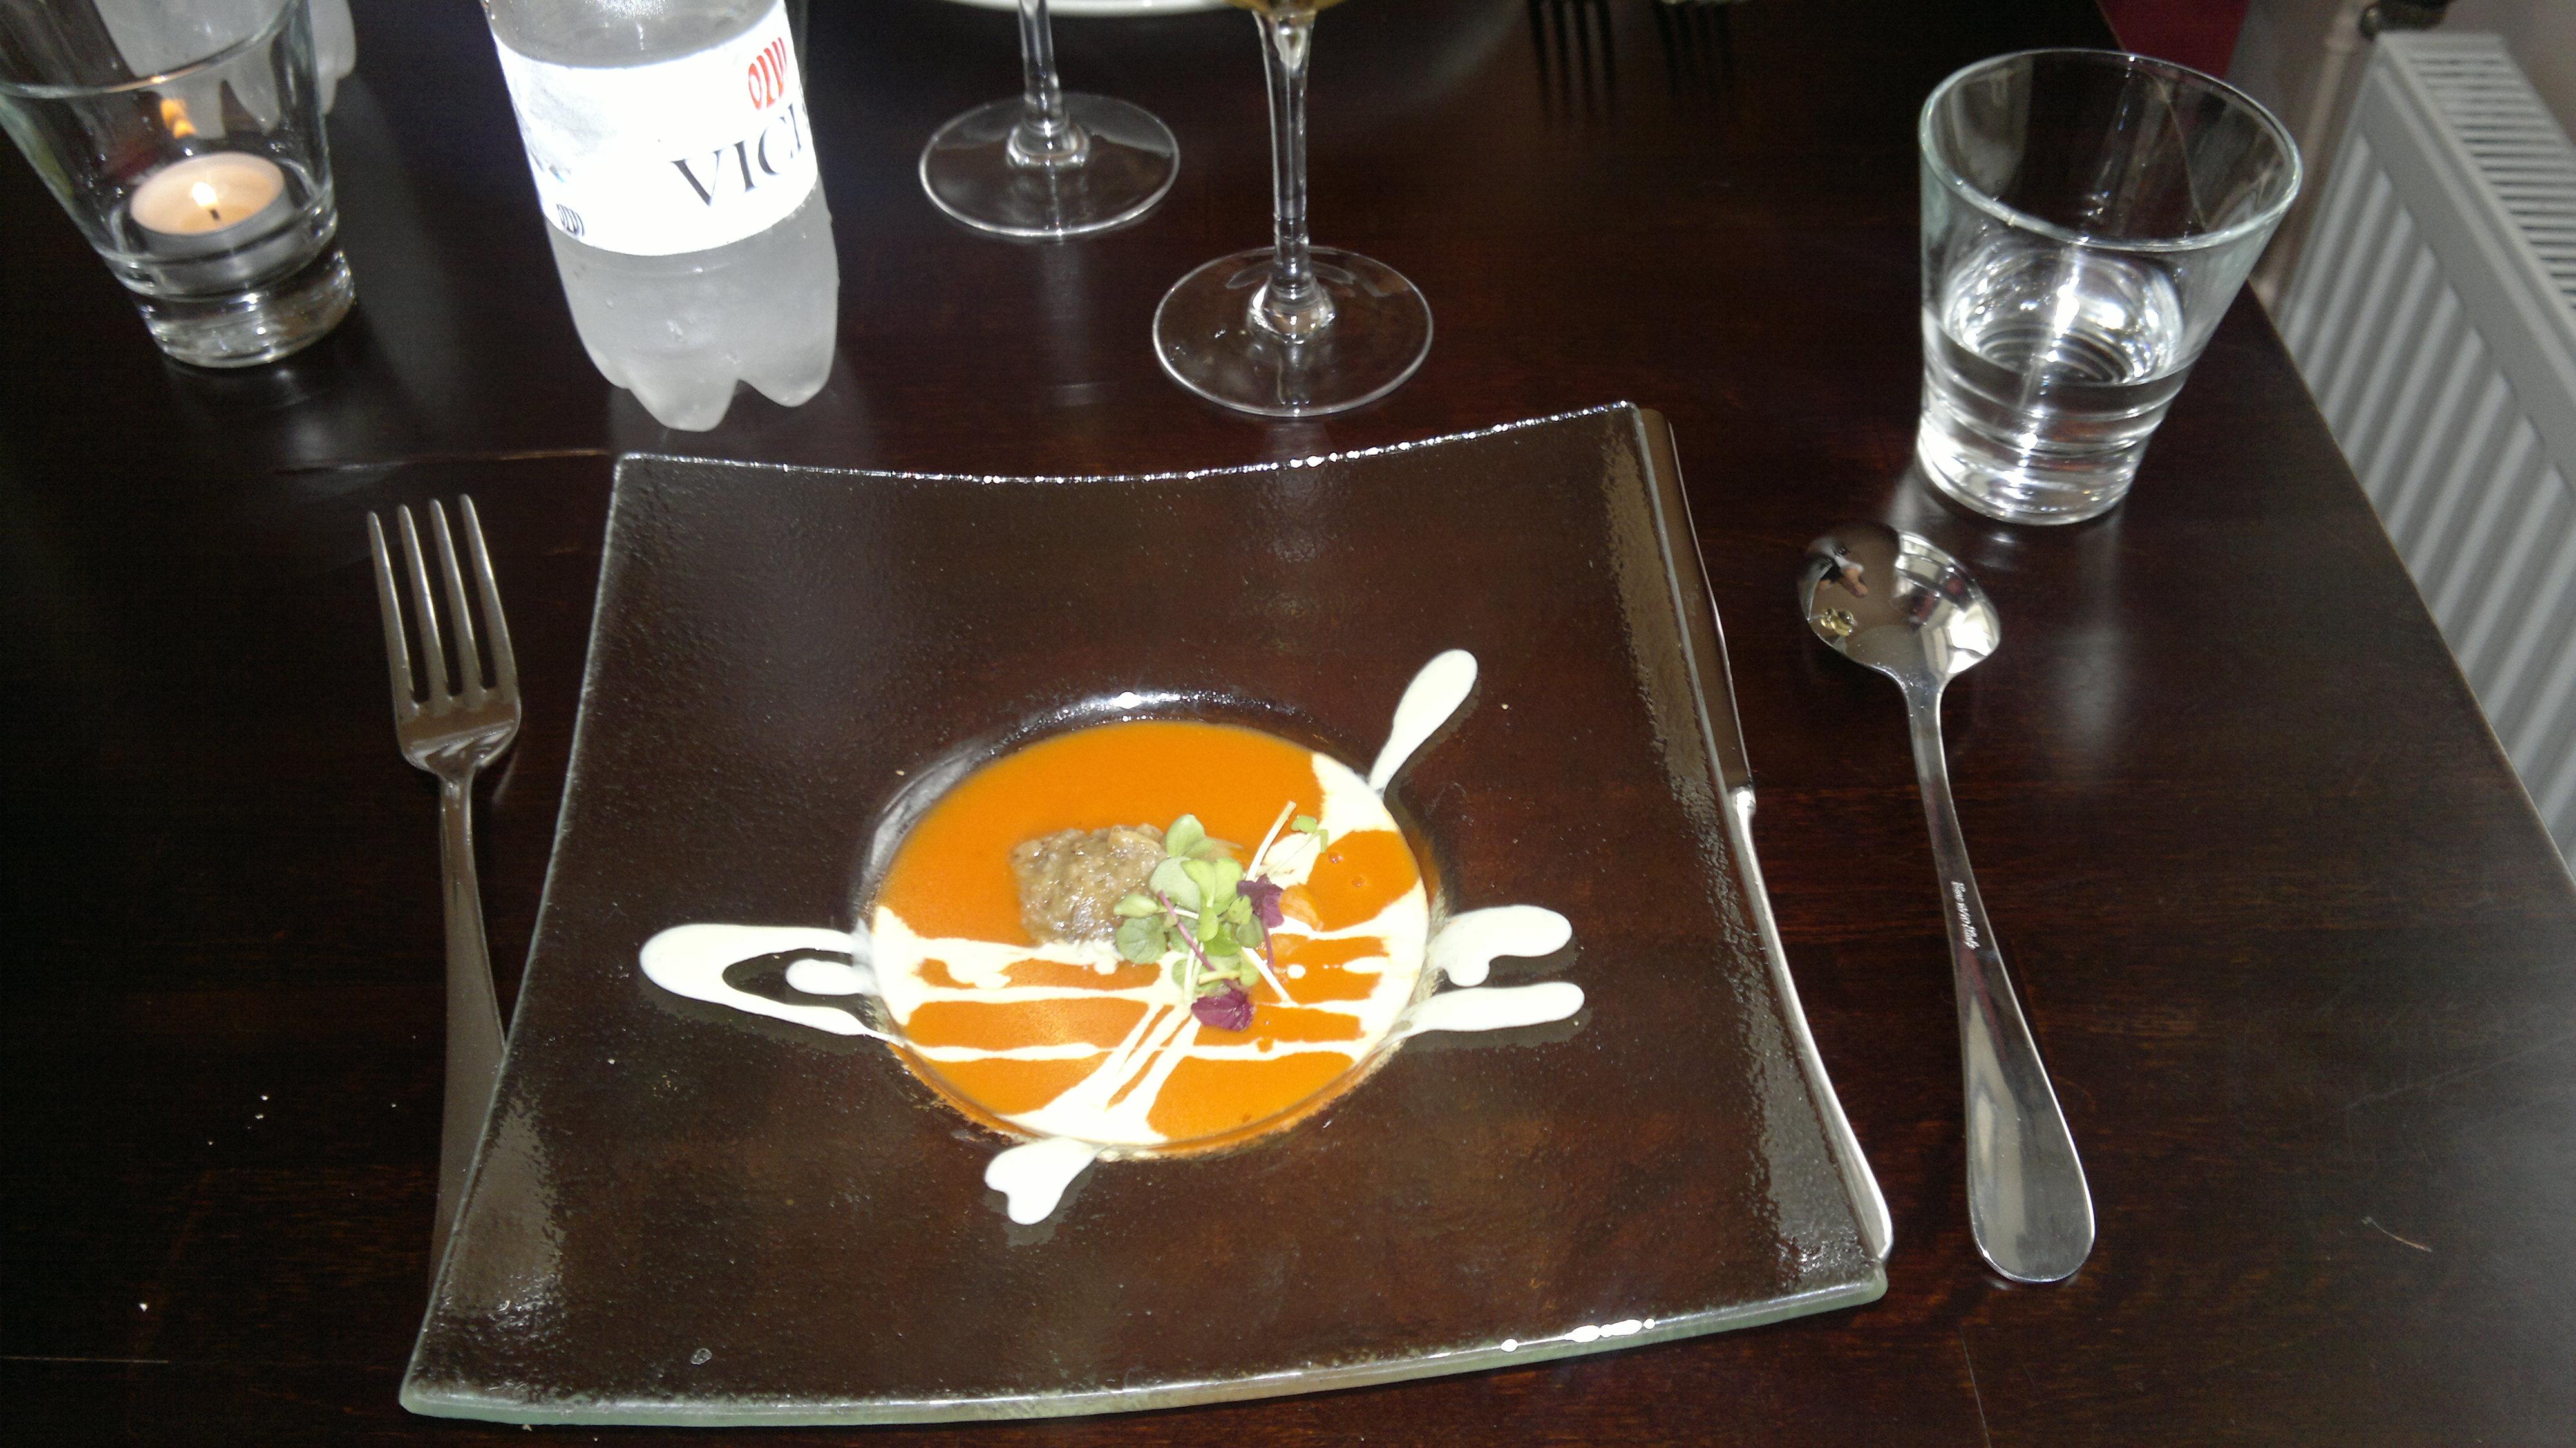 Ravintola Sunn, Helsinki: Kylmä tomaattikeitto